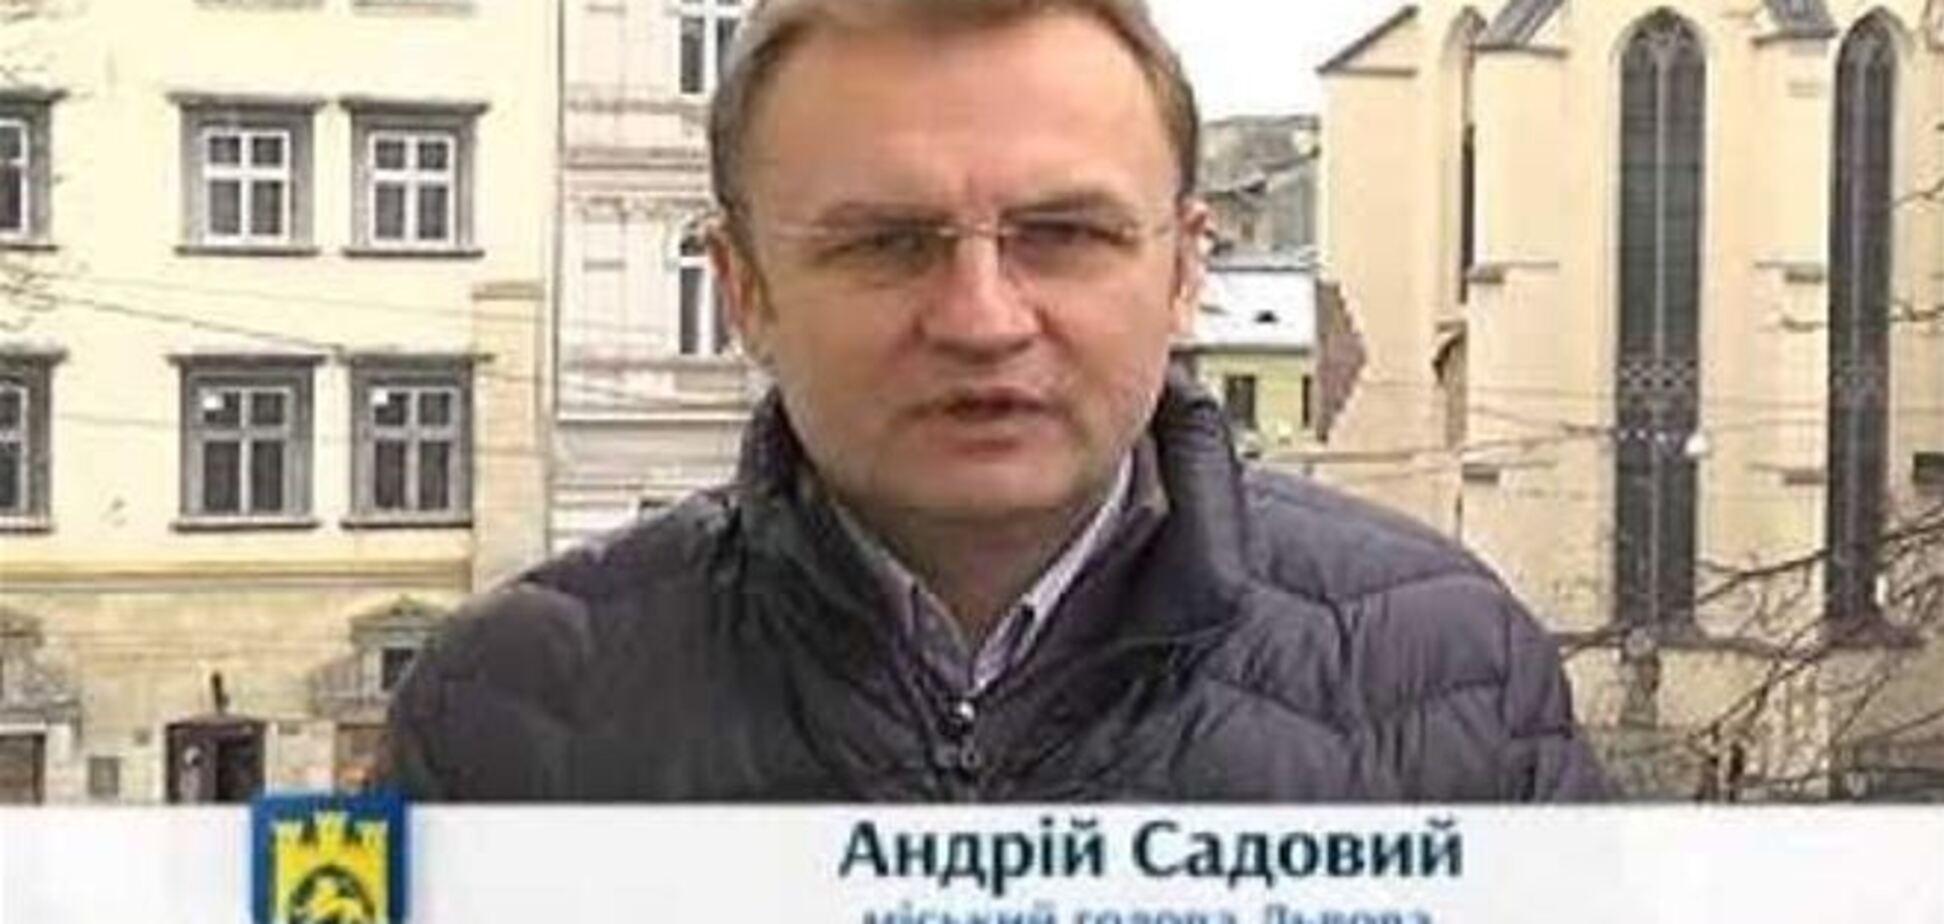 Мэр Львова обратился к Крыму и юго-востоку: давайте не впускать ненависть в наши сердца